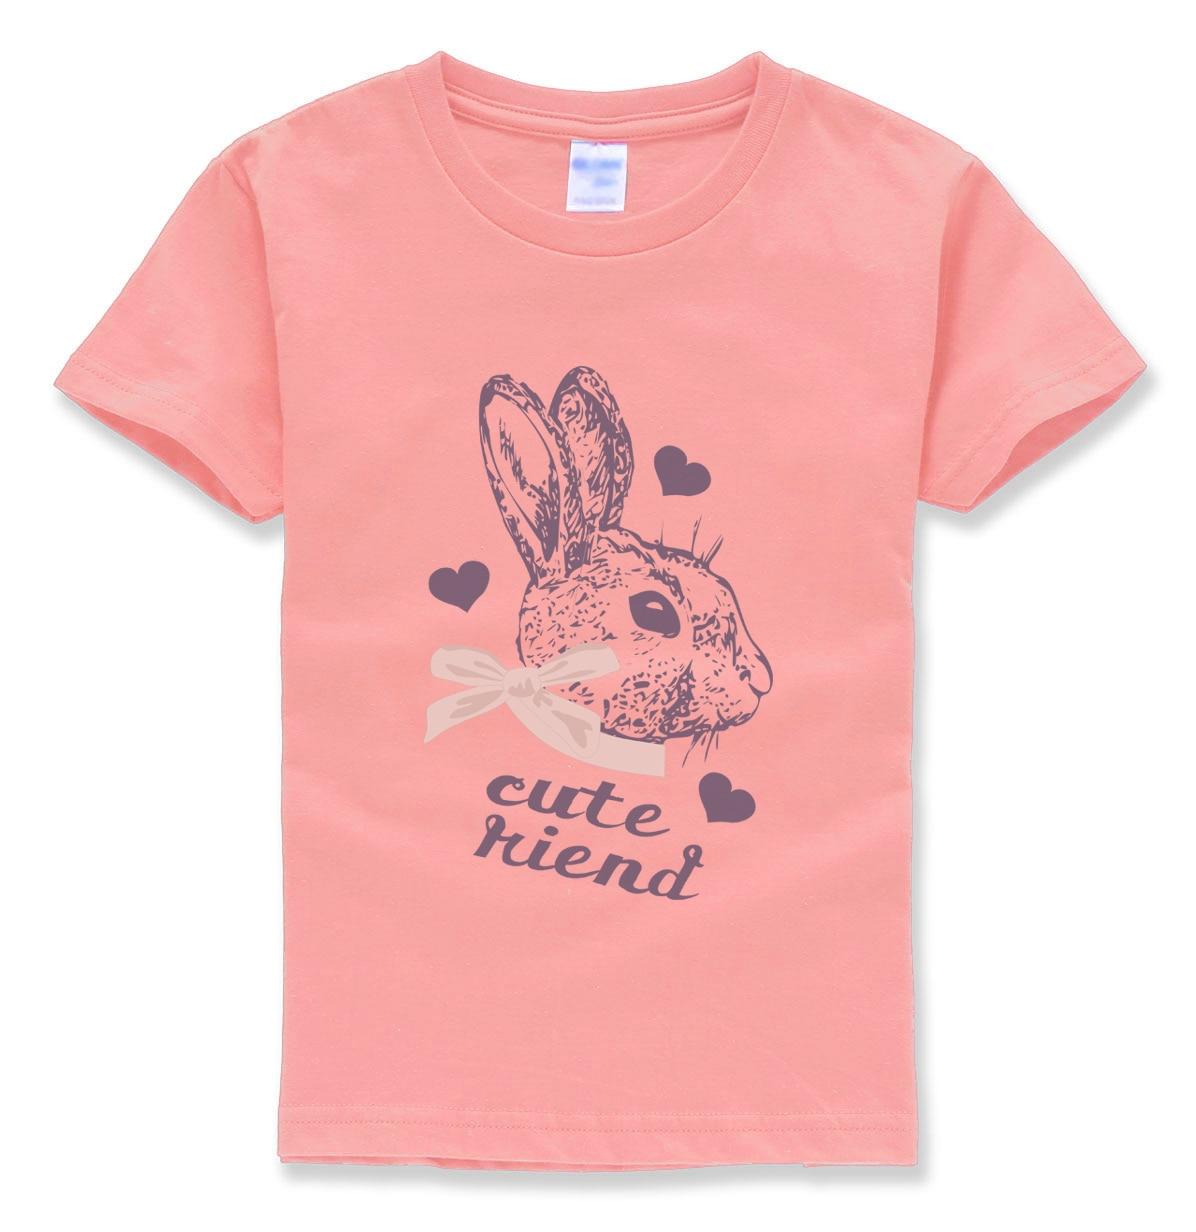 2018 Летний Новый модный бренд homme Футболки для мальчиков уличная милый кролик битник harajuku футболки с короткими рукавами детская одежда pp